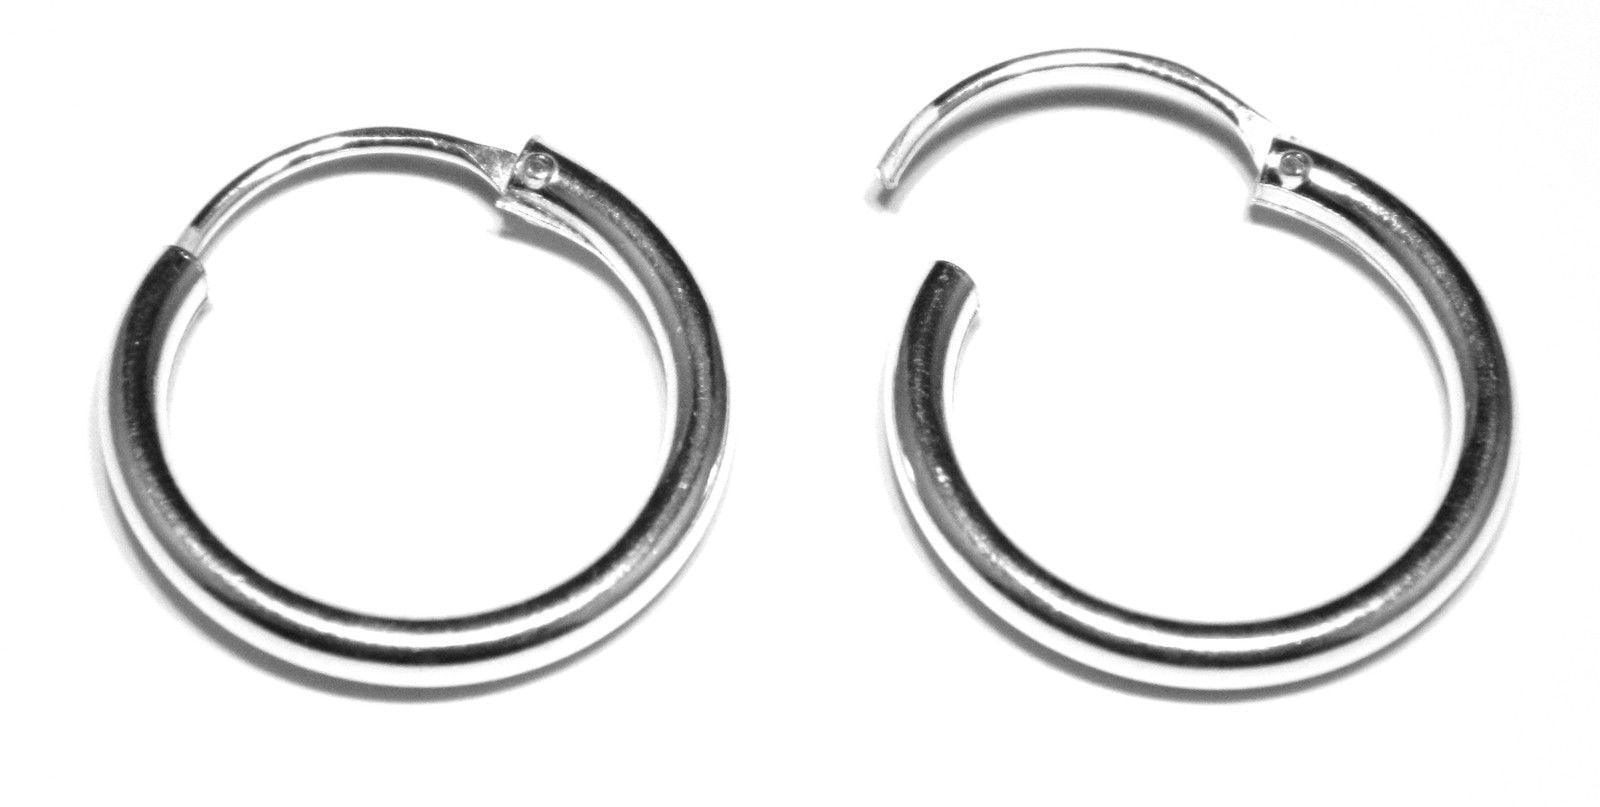 ebdbb968ec673e 16 mm hinged sleeper hoop earrings in sterling silver heavy weight